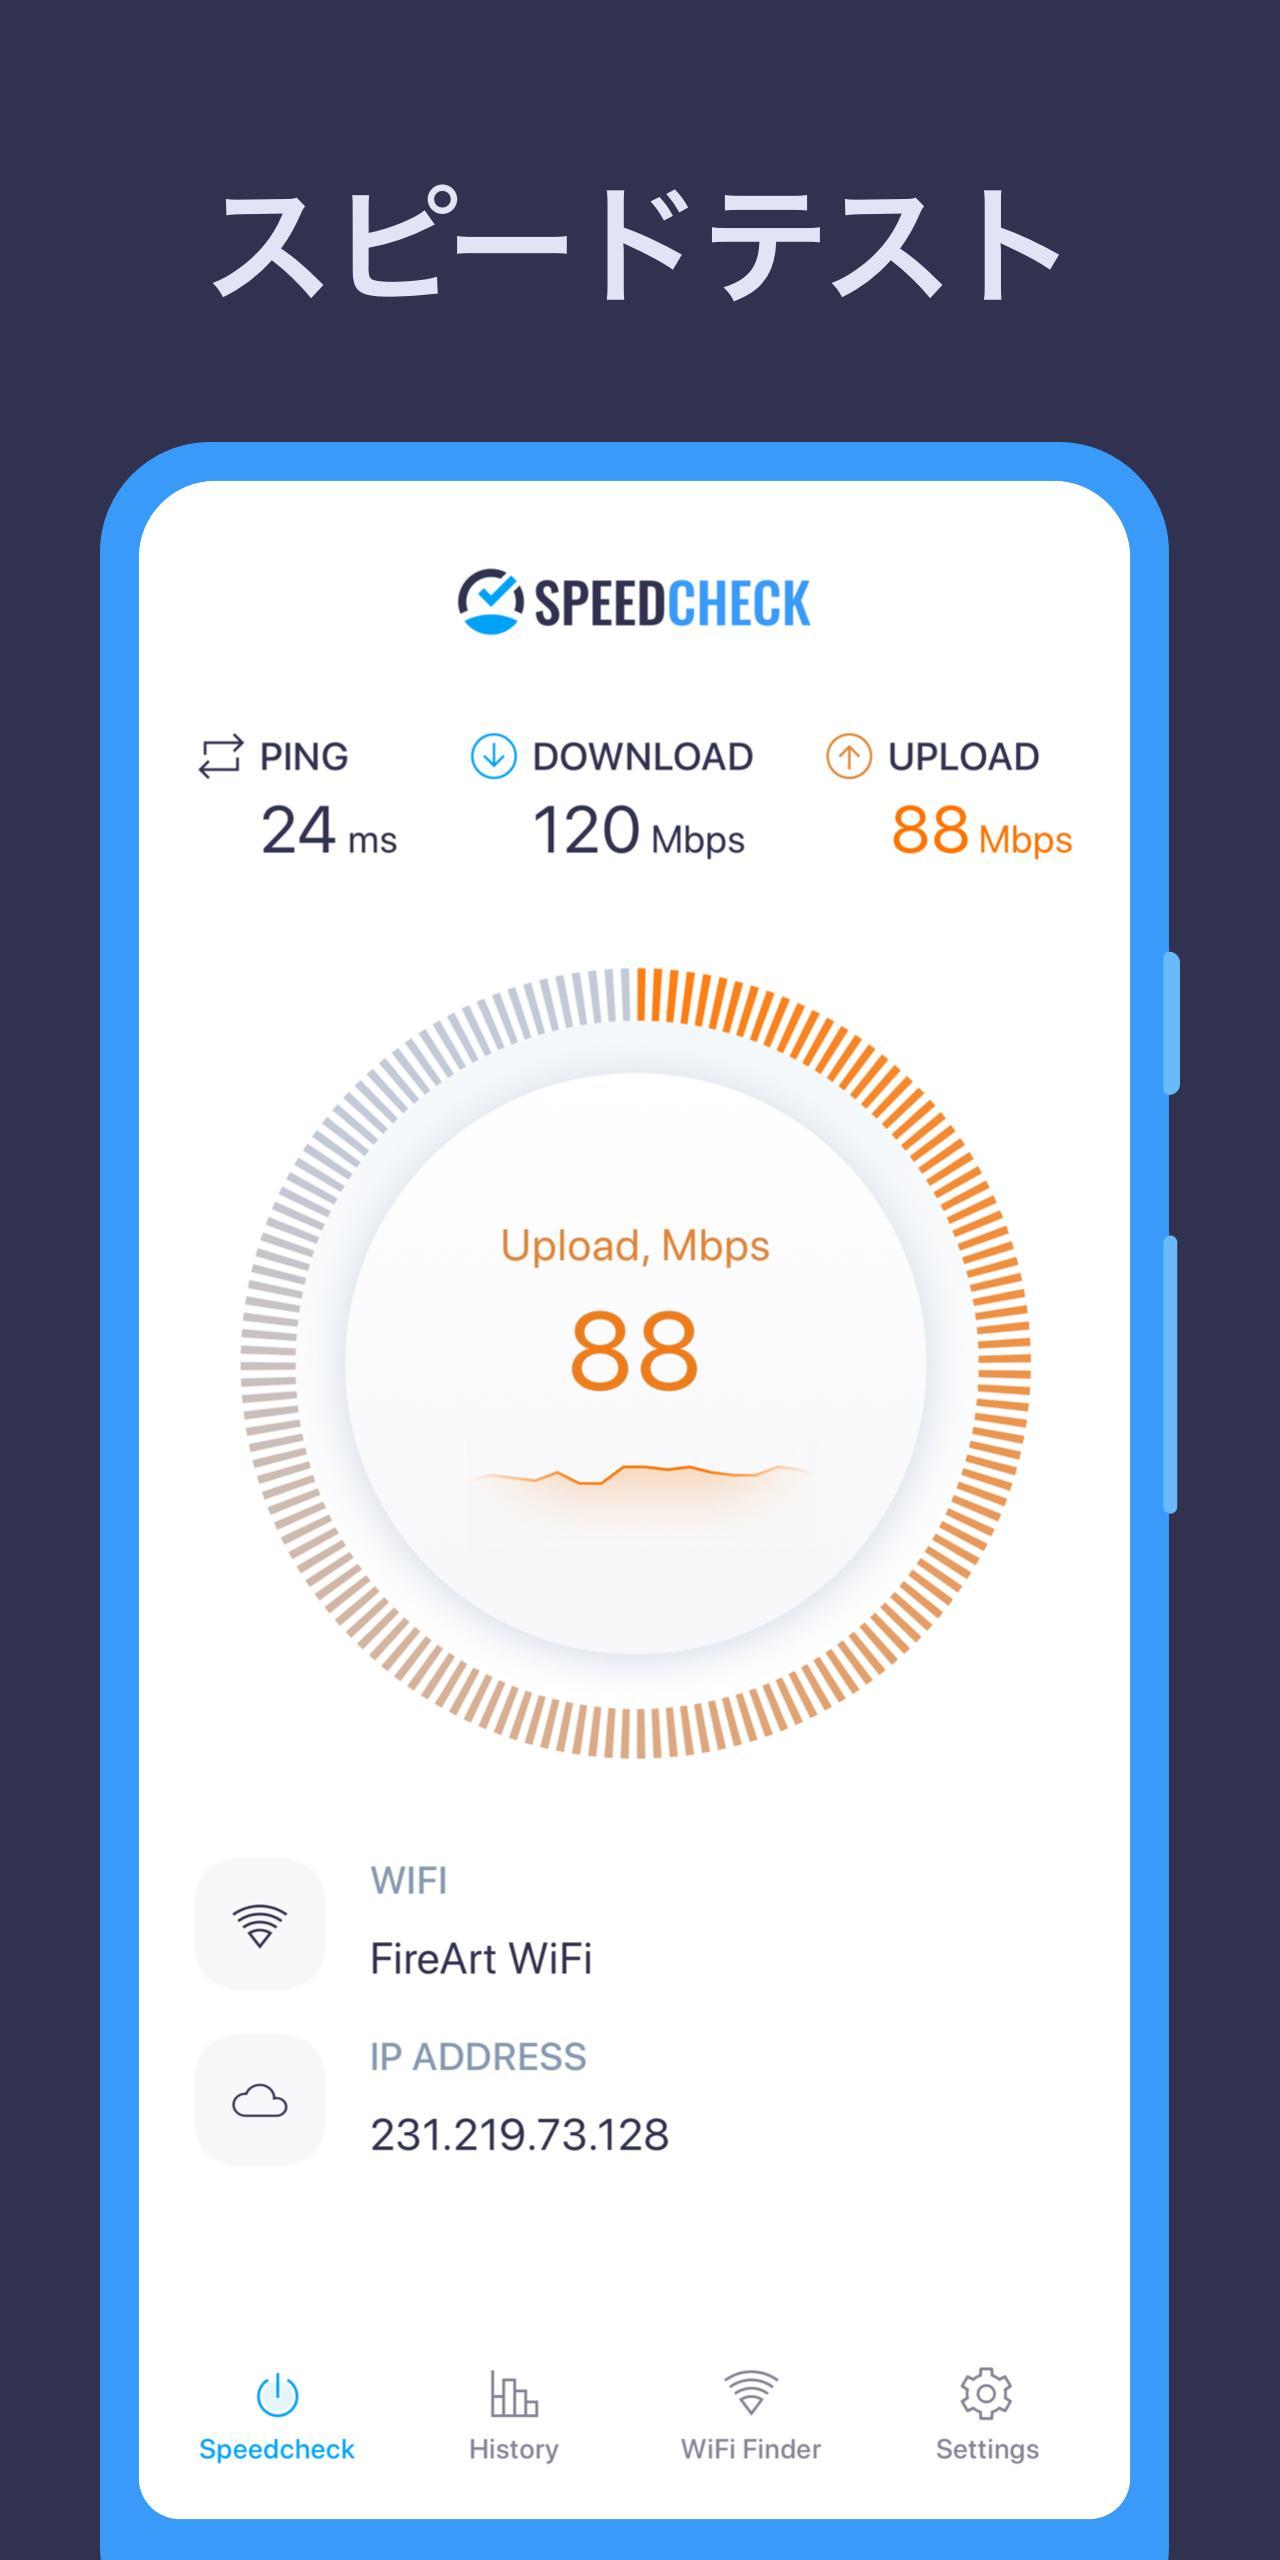 テスト wifi 速度